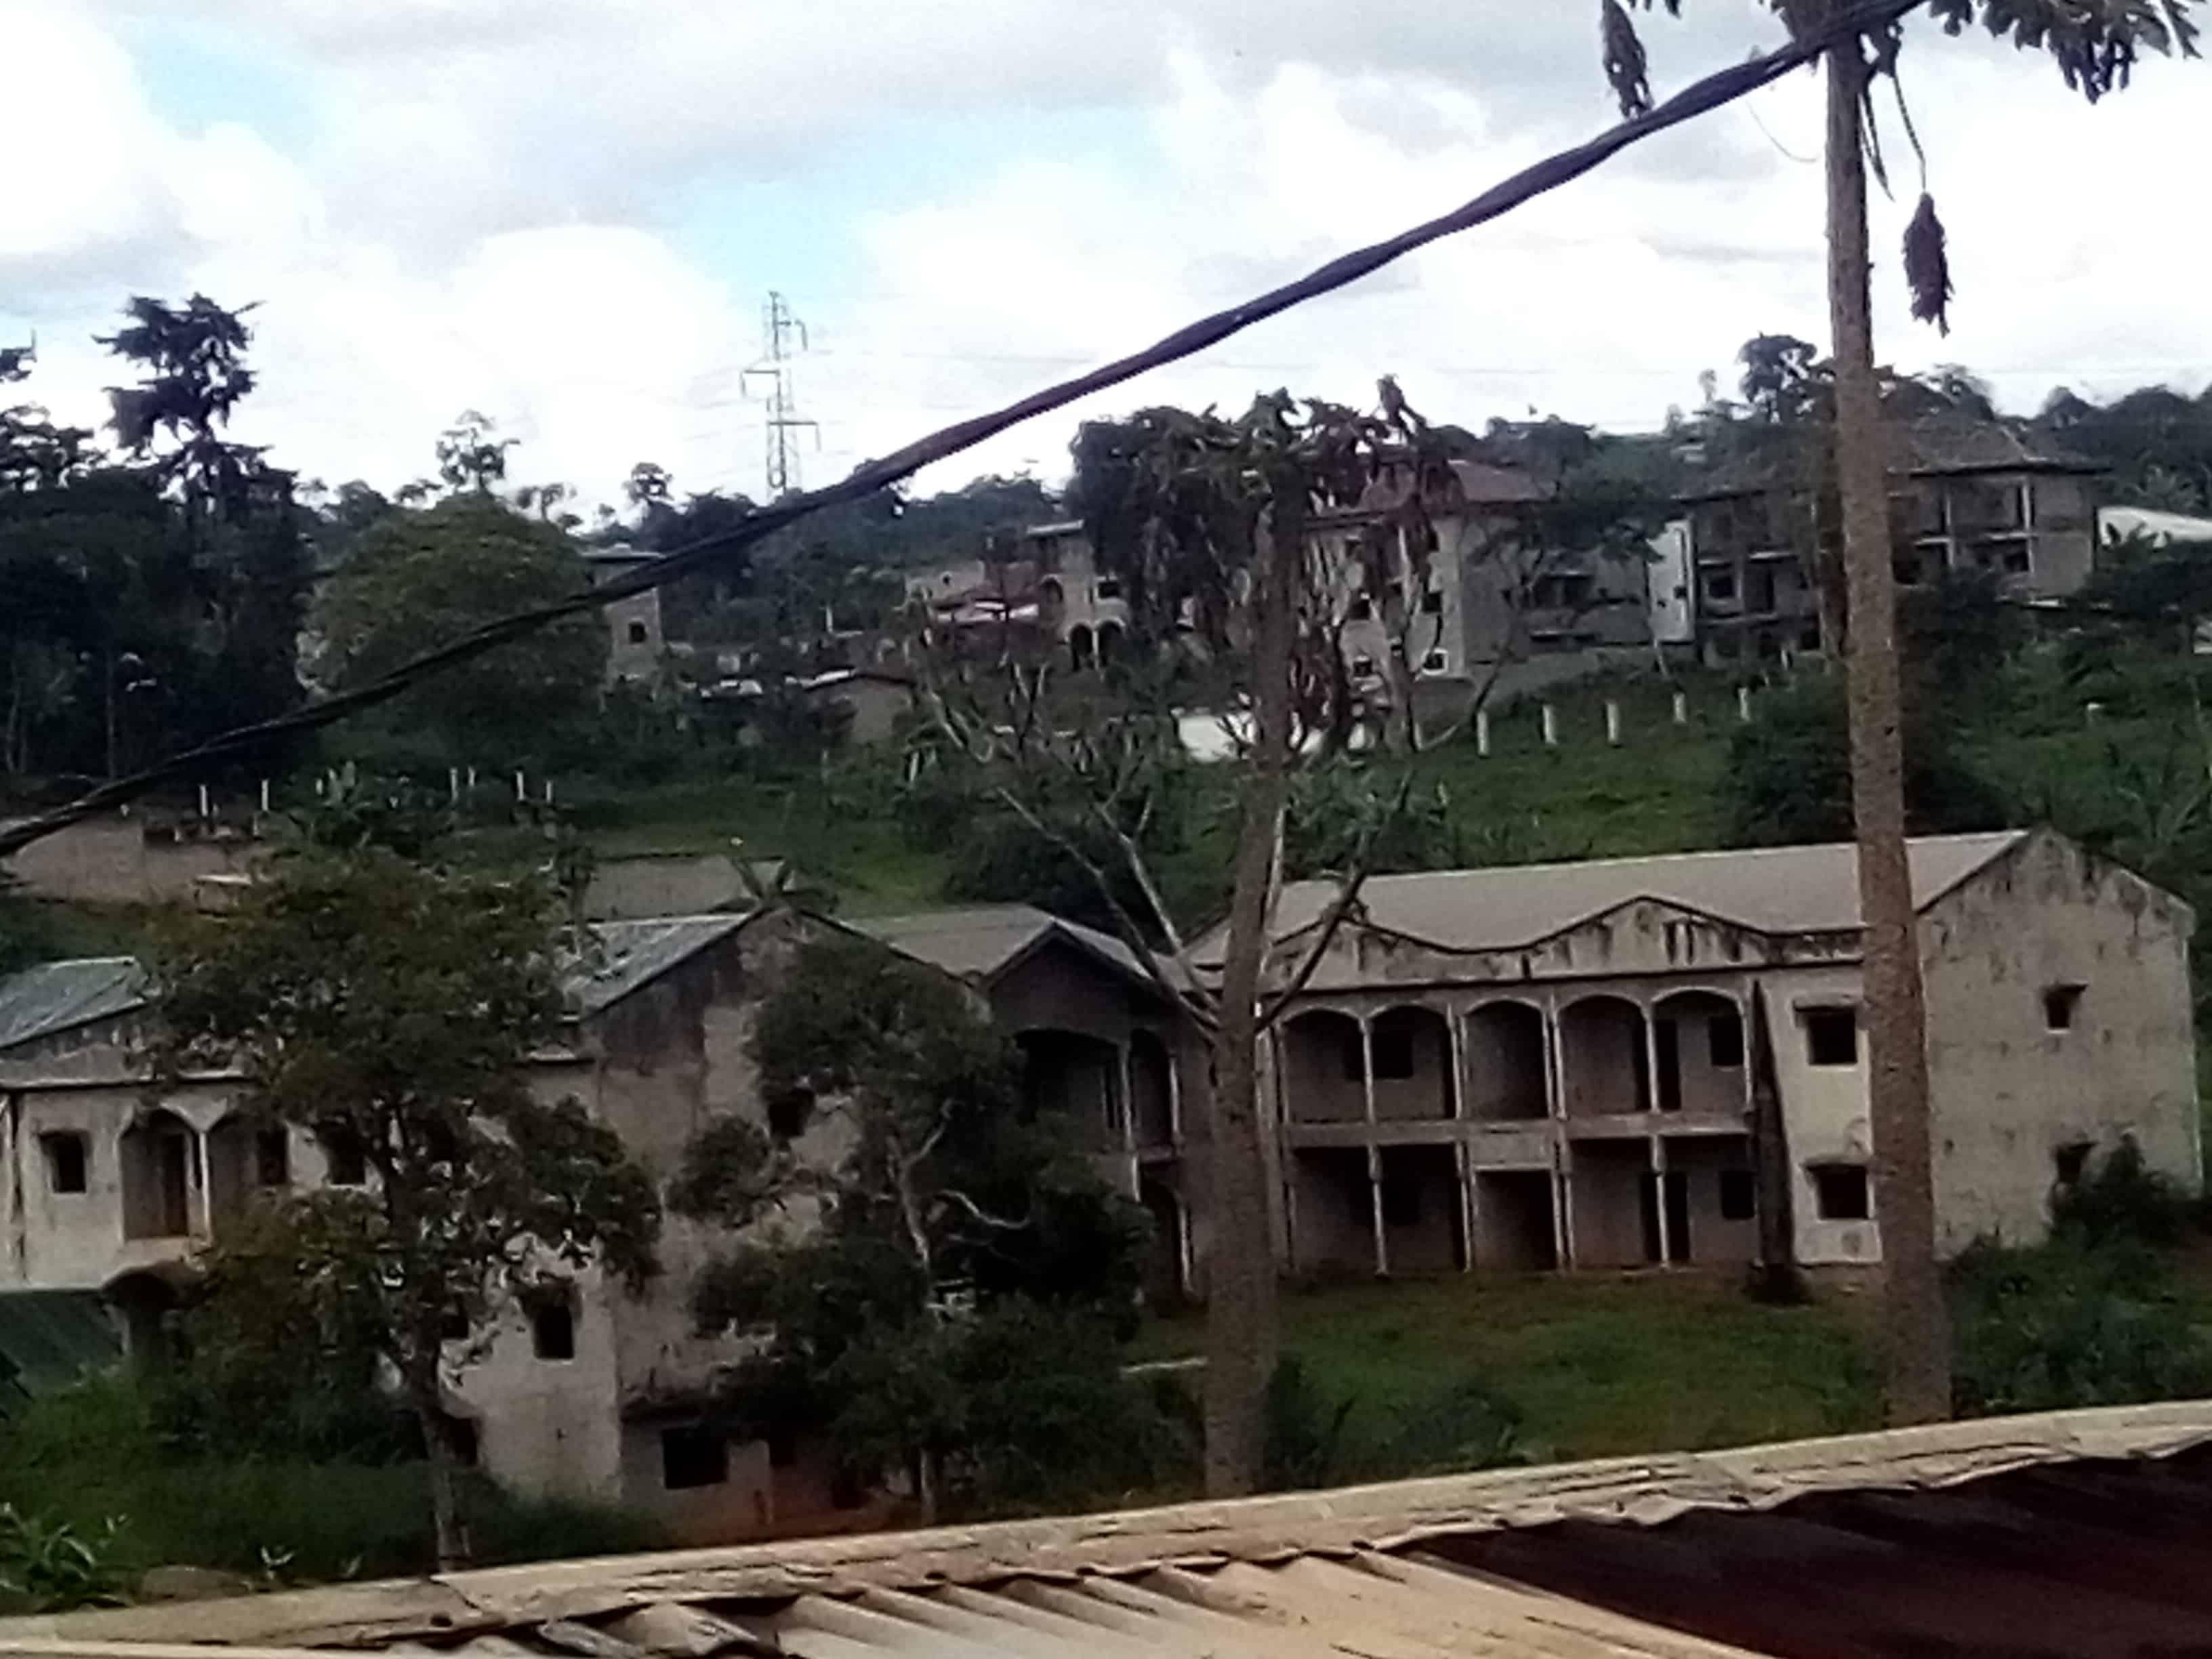 Land for sale at Yaoundé, Nkolbisson, Béatitude - 1000 m2 - 13 500 000 FCFA